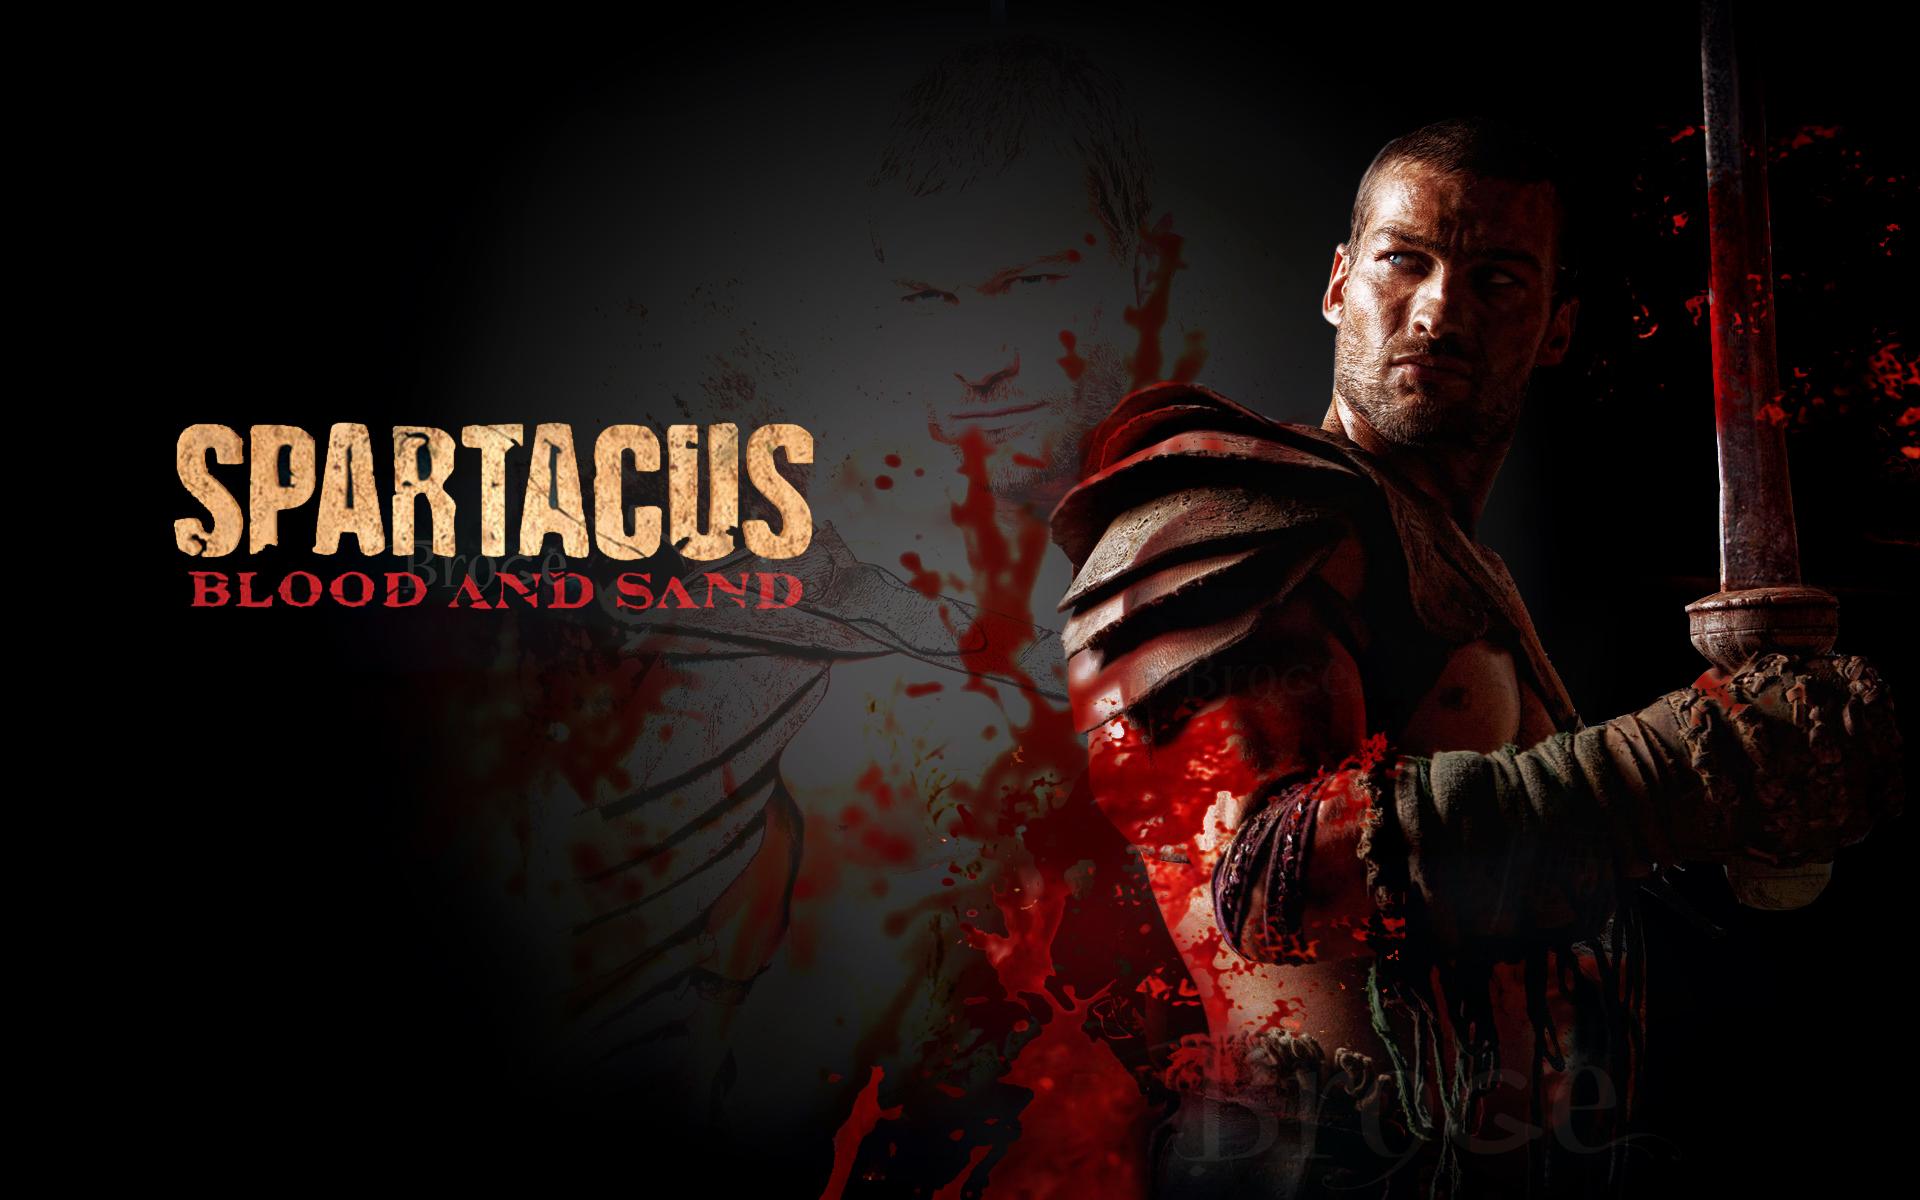 spartacus wallpapers çalışmaları